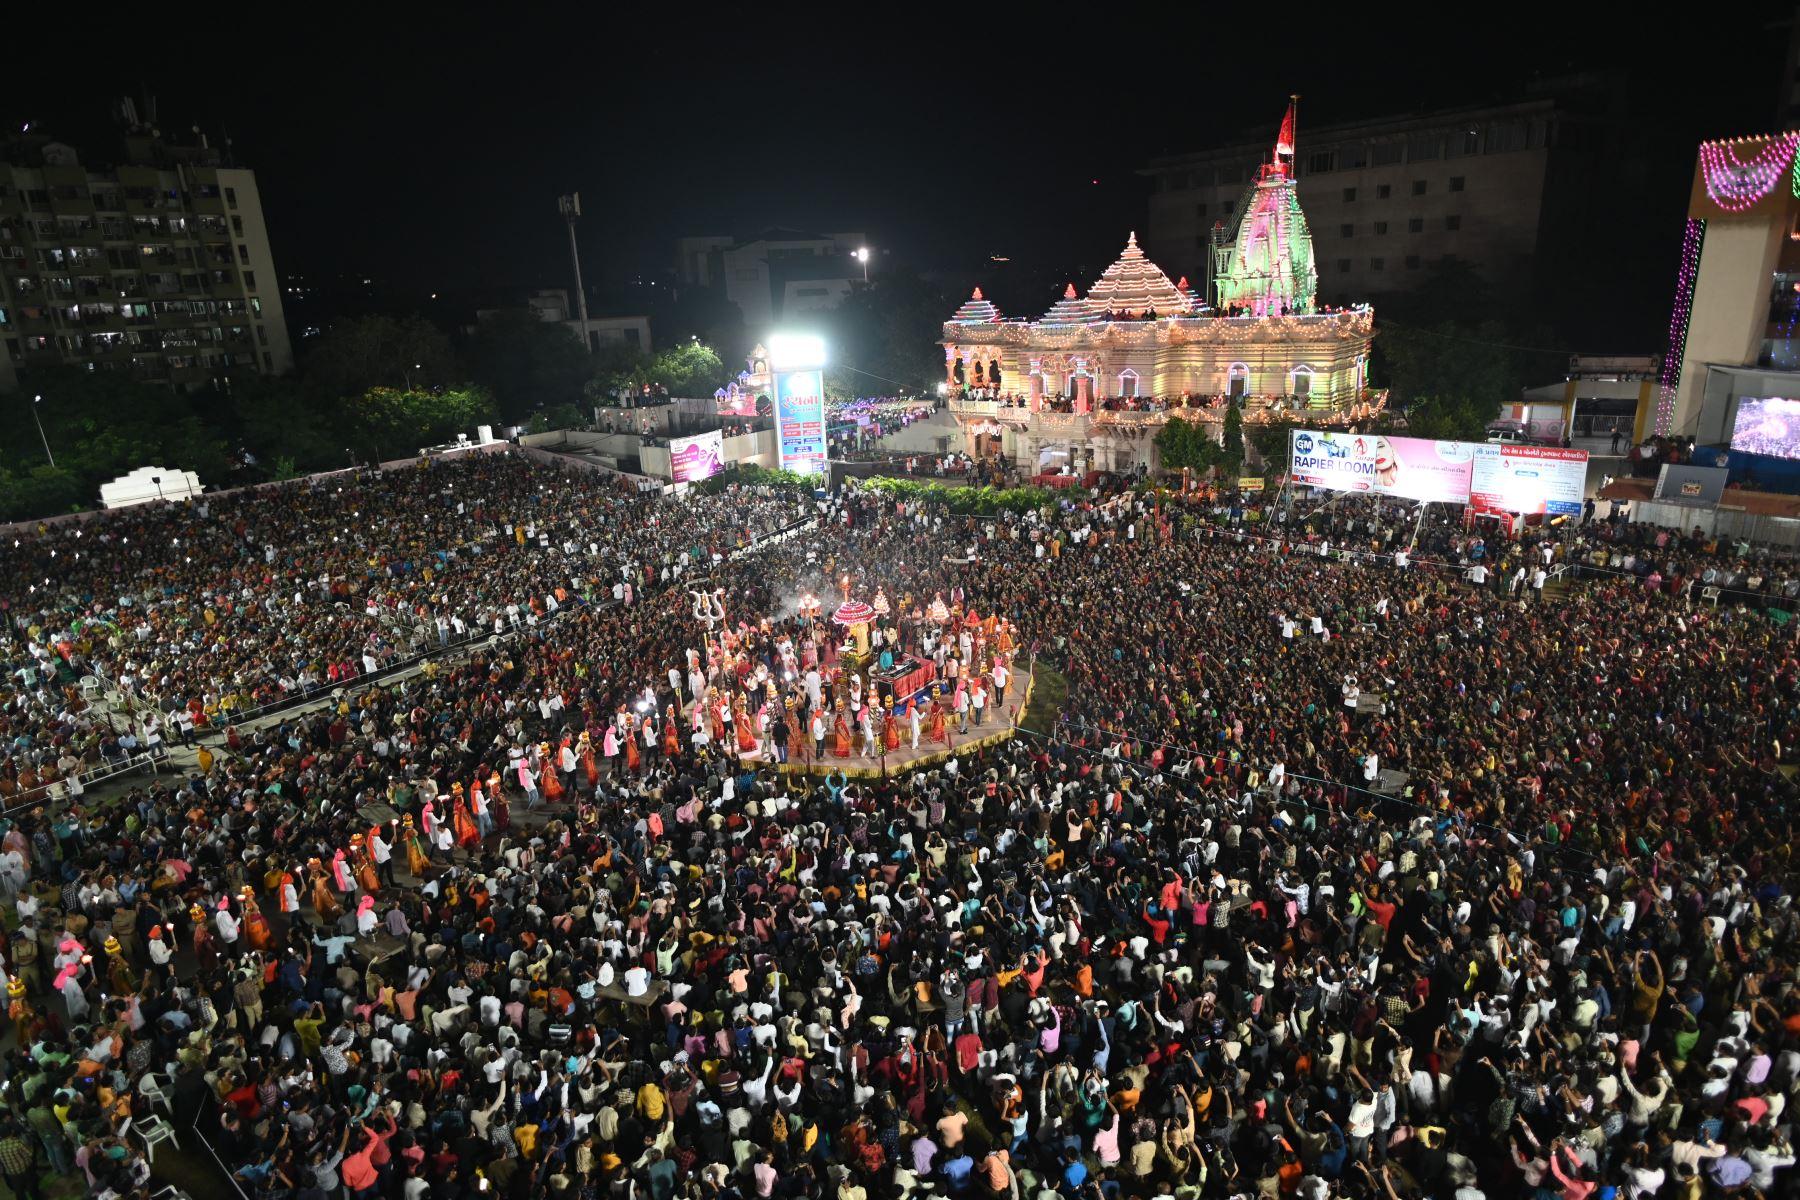 Miles de devotos hindúes se reúnen mientras participan en un Maha Aarti (un ritual hindú) cerca del templo de Umiyadham en Surat, a unos 270 kilómetros de Ahmedabad en el estado de Gujarat de la India occidental a fines del 6 de octubre de 2019. - Miles de devotos hindúes se reunieron en Umiya Dham y ofreció Aarti con motivo de Ashthmi a Ma Umiya. (Fo